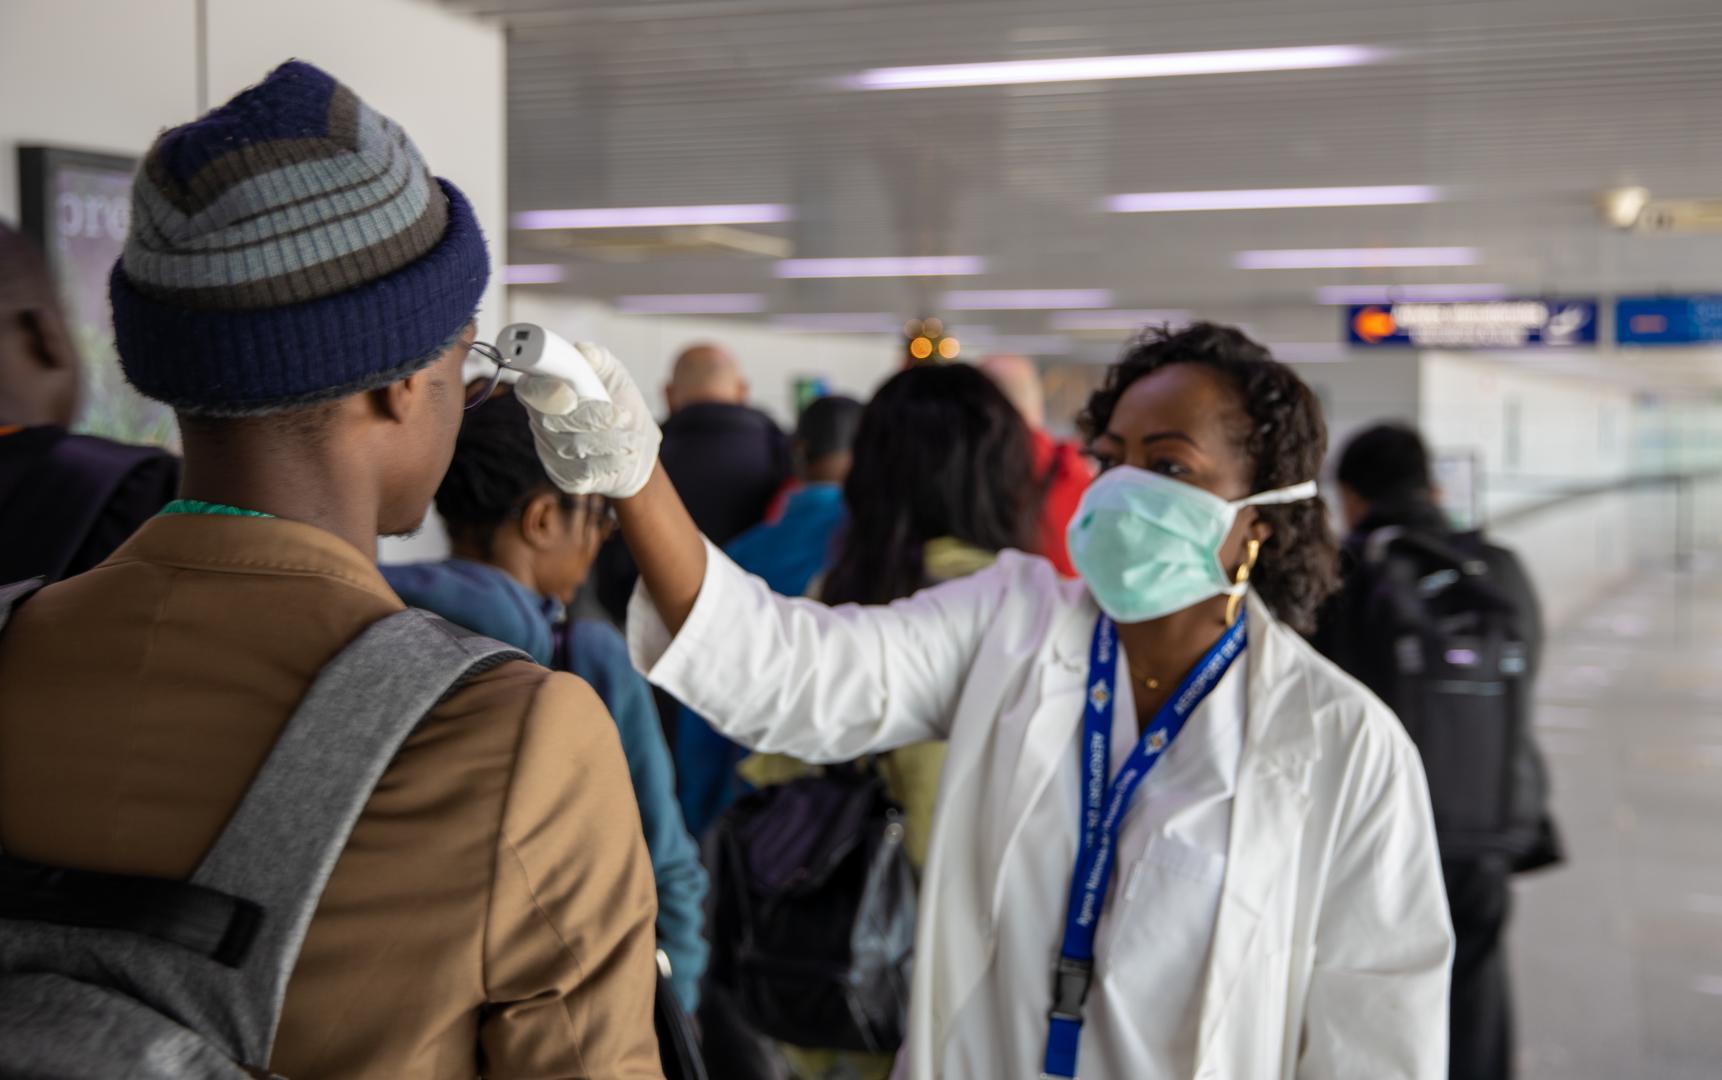 كوڤيد-19 قد يصيب أكثر من 200 مليون في إفريقيا وفق منظمة الصحة العالمية